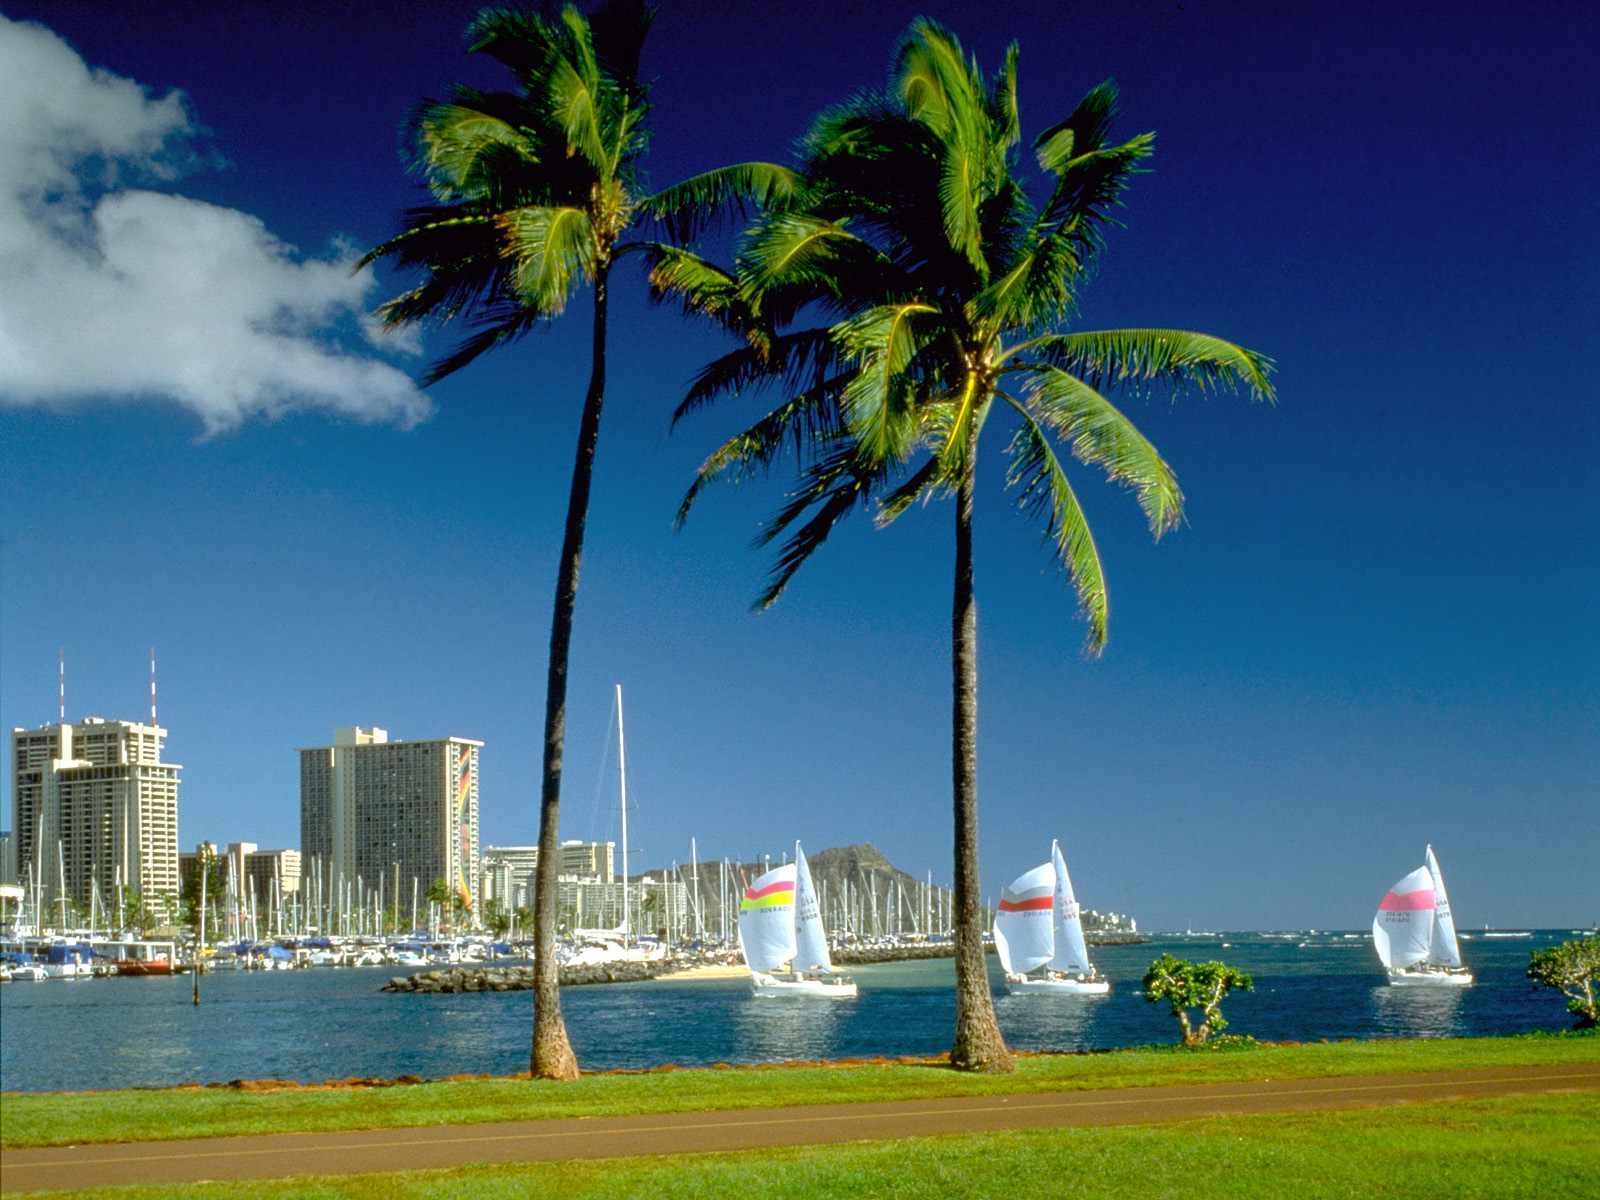 Hawaii Beach Hd Wallpapers 1600x1200 Followme Cooliphone6case On Twitter Facebook Google Insta Honolulu Hawaii Vacation Hawaii Beaches Honolulu Hotels